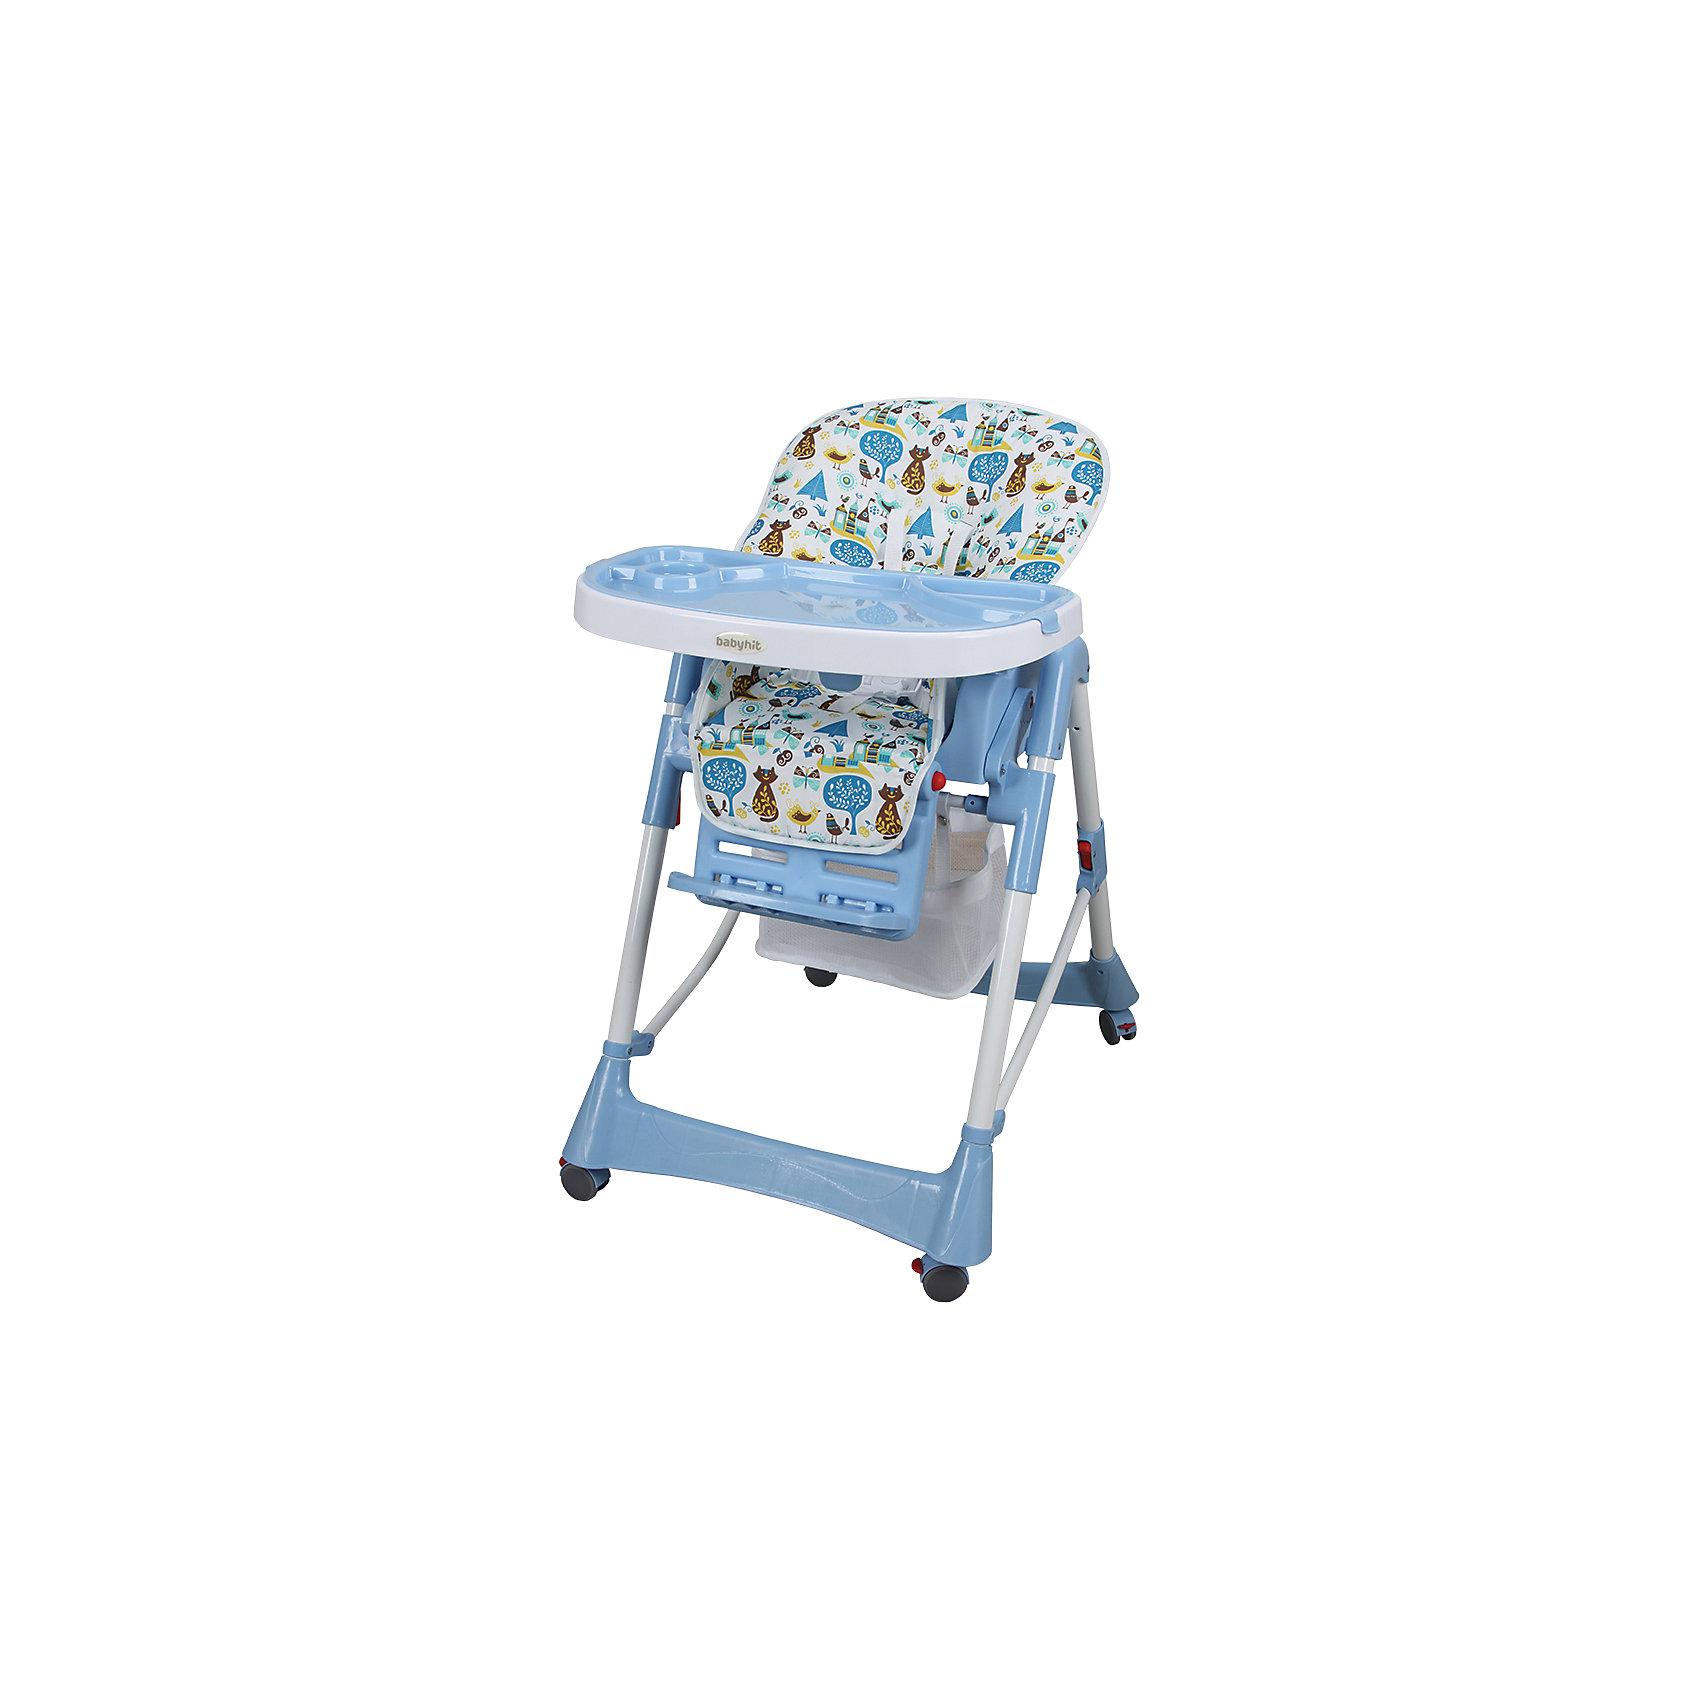 Стульчик для кормления Appetite, CATS, Baby Hit, голубойAppetite, BabyHit (бэби хит) – стульчик для кормления детей от 6 месяцев до 3 лет.   Наклон спинки стульчика и высота сидения регулируются. Для удобного перемещения по квартире предусмотрены колеса с фиксаторами. Стульчик легко складывается и занимает мало места, что особенно удобно  для маленькой кухни.  Для безопасности малыша есть пятиточечные ремни безопасности и паховая перегородка. На подносе имеются углубления для стаканов и бутылочек. Кроме того, внизу стульчика есть специальная корзина для игрушек, которая обязательно пригодится маленьким непоседам.<br>Особенности и преимущества:<br>-5-точечные ремни безопасности<br>-паховая перегородка<br>-5 положений по высоте, 3 положения столика, регулируемый наклон спинки<br>-корзина для игрушек<br>-колеса с фиксаторами<br>Размеры: 70x29x49<br>Вес: 9,4 кг<br>Приобретайте стульчик Appetite в нашем интернет-магазине.<br>ВНИМАНИЕ! Данный артикул имеется в наличии в разных цветовых исполнениях (бежевый, голубой, зеленый, красный).  К сожалению, заранее выбрать определенный цвет не возможно.<br><br>Ширина мм: 490<br>Глубина мм: 290<br>Высота мм: 700<br>Вес г: 10500<br>Возраст от месяцев: 6<br>Возраст до месяцев: 36<br>Пол: Унисекс<br>Возраст: Детский<br>SKU: 4881279